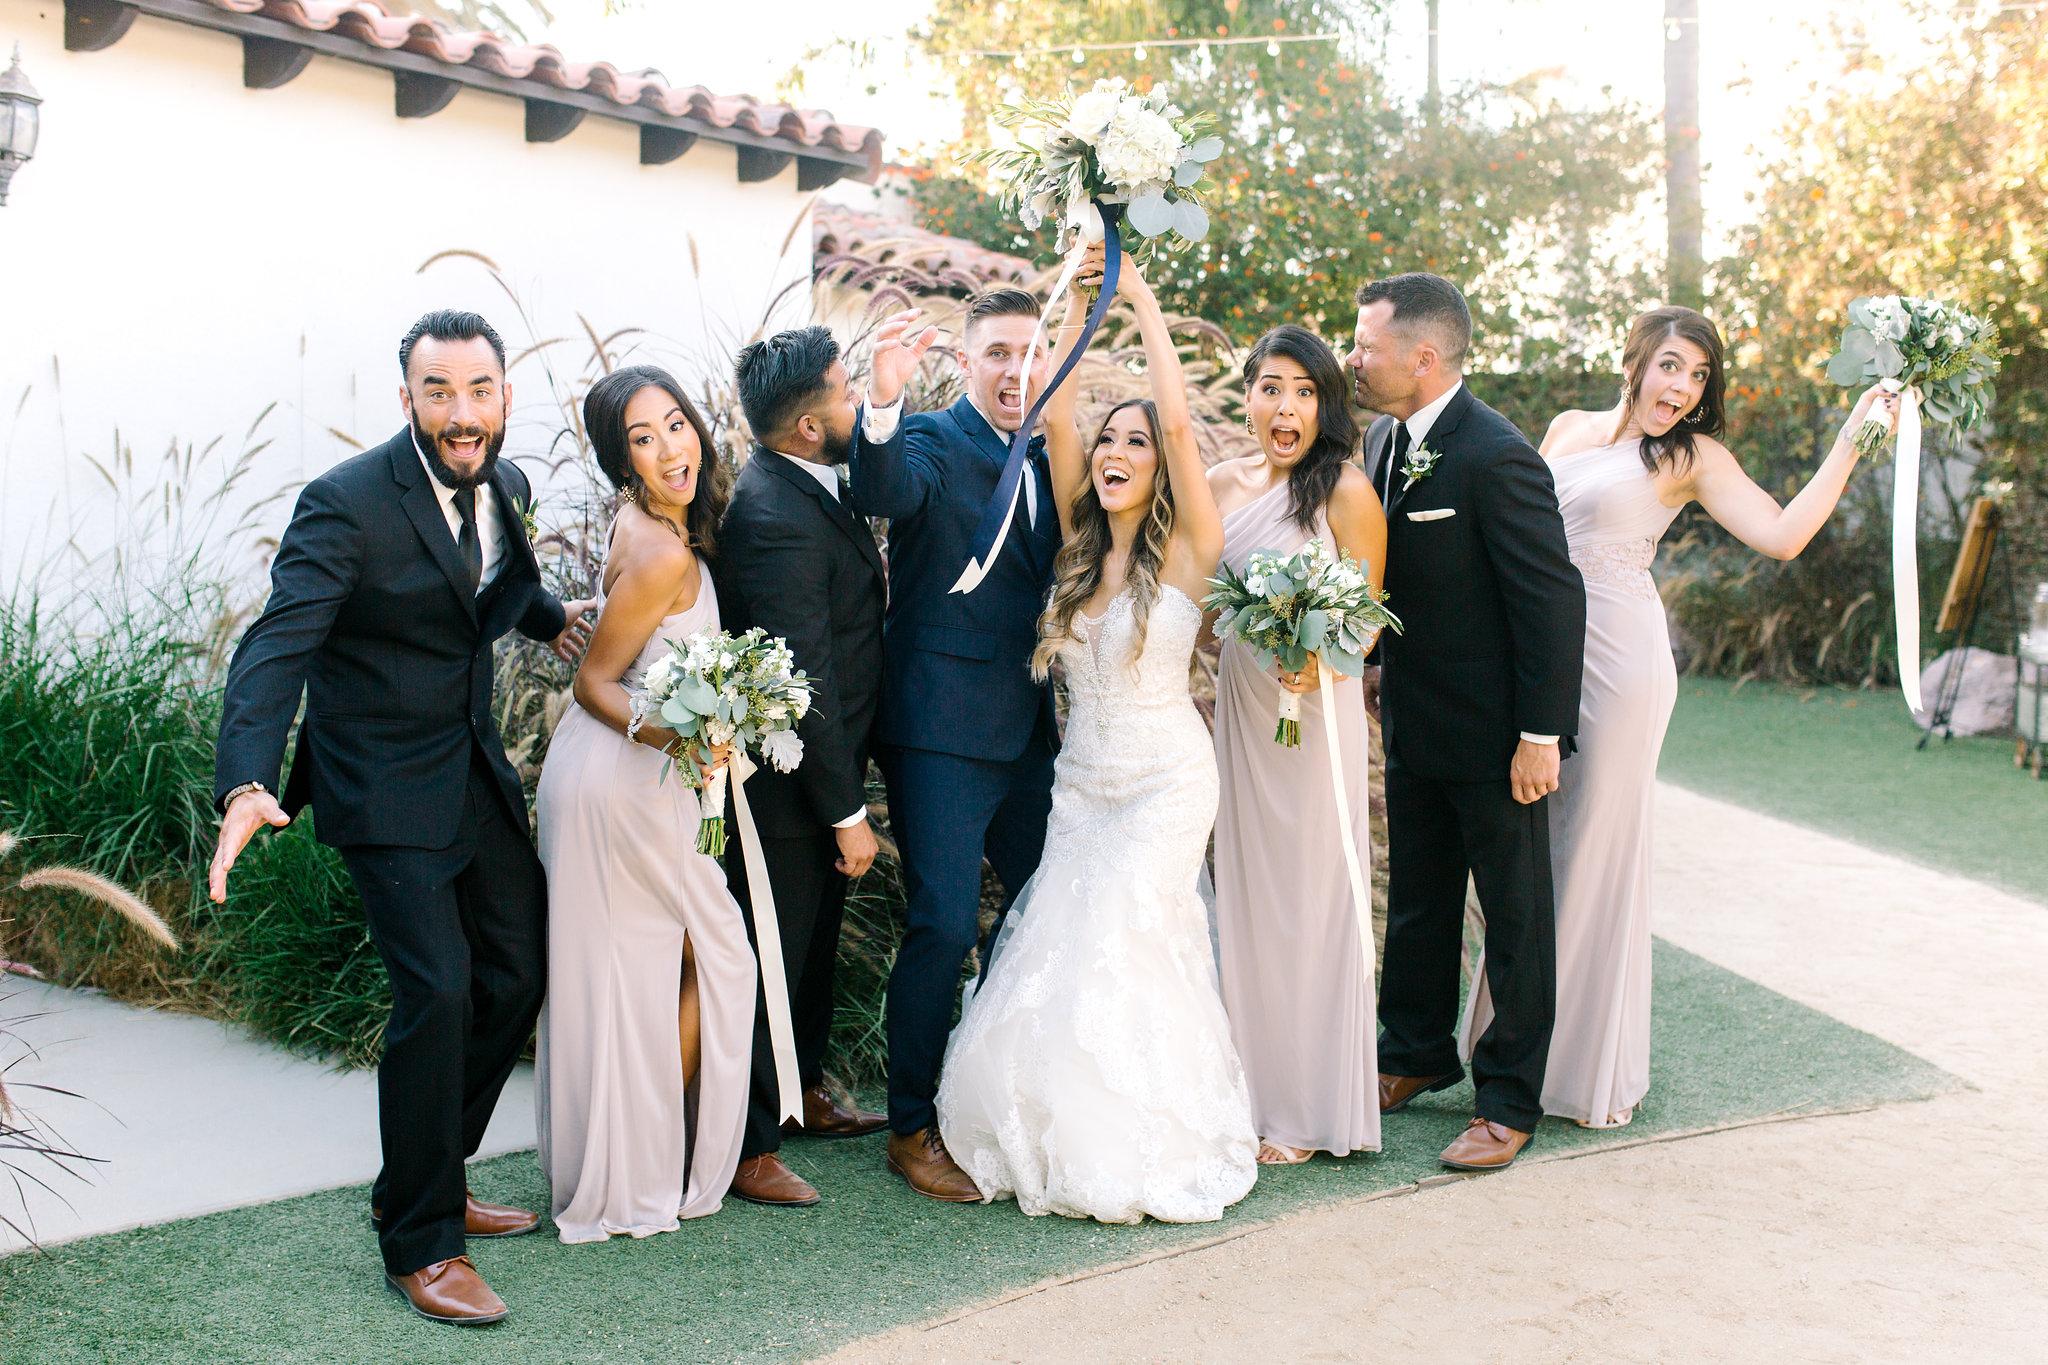 San Clemente, San clemente beach wedding, the casino san clemente, wedding party photos, bridal party photo ideas, fun wedding party, candid wedding party photo